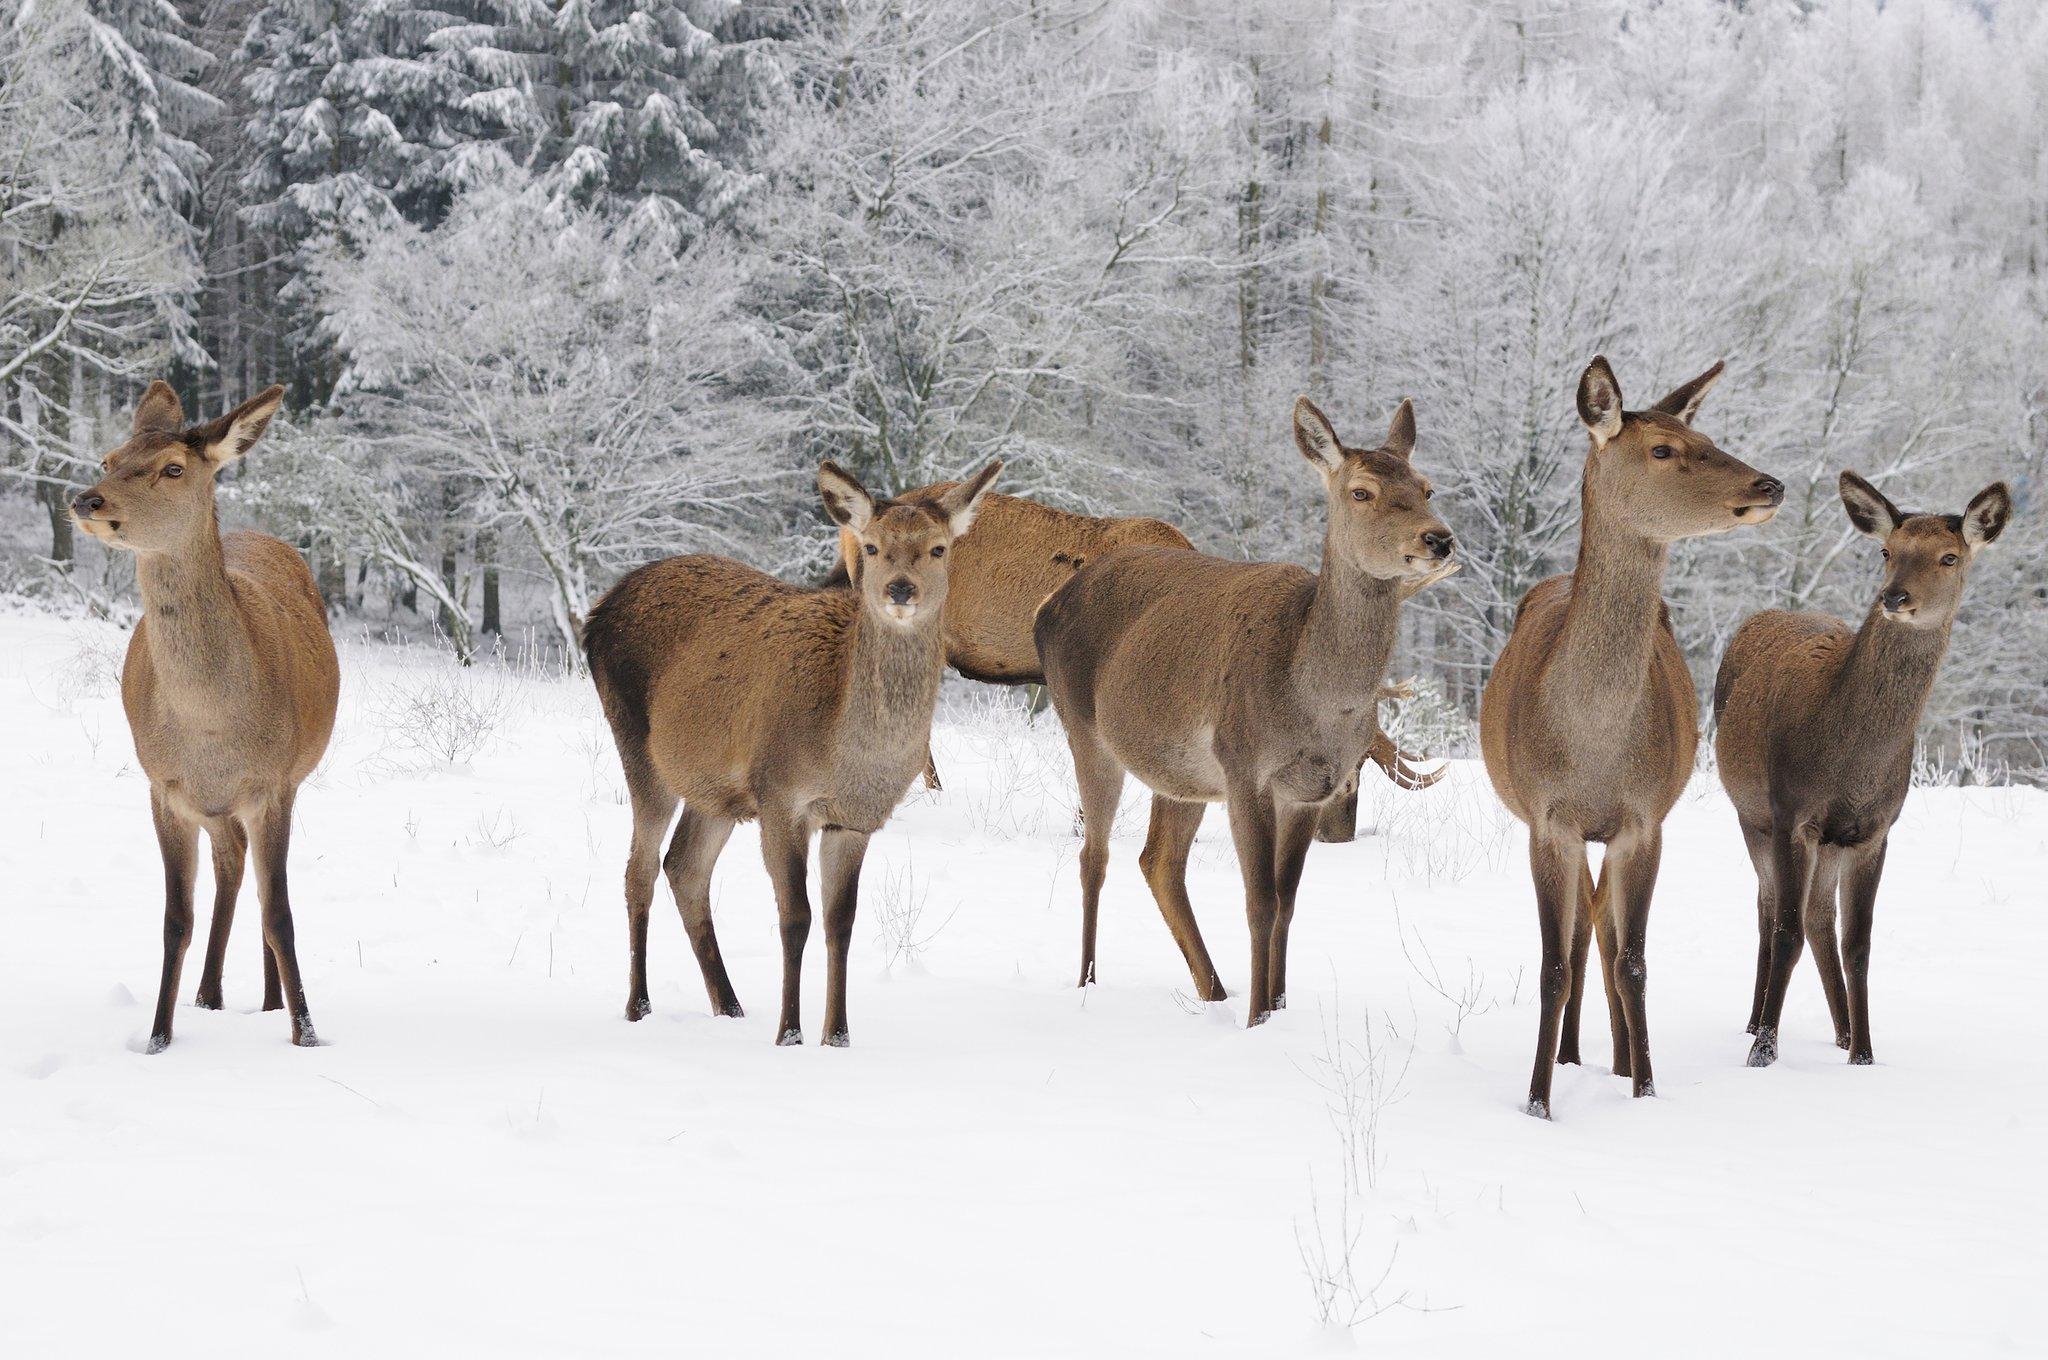 NÖ Jagdverband bittet Lebensraum des Wildes zu akzeptieren: Jäger unterstützen aufgrund von regen Revier Rebhuhn und Fasan dabei, über den Winter zu kommen.